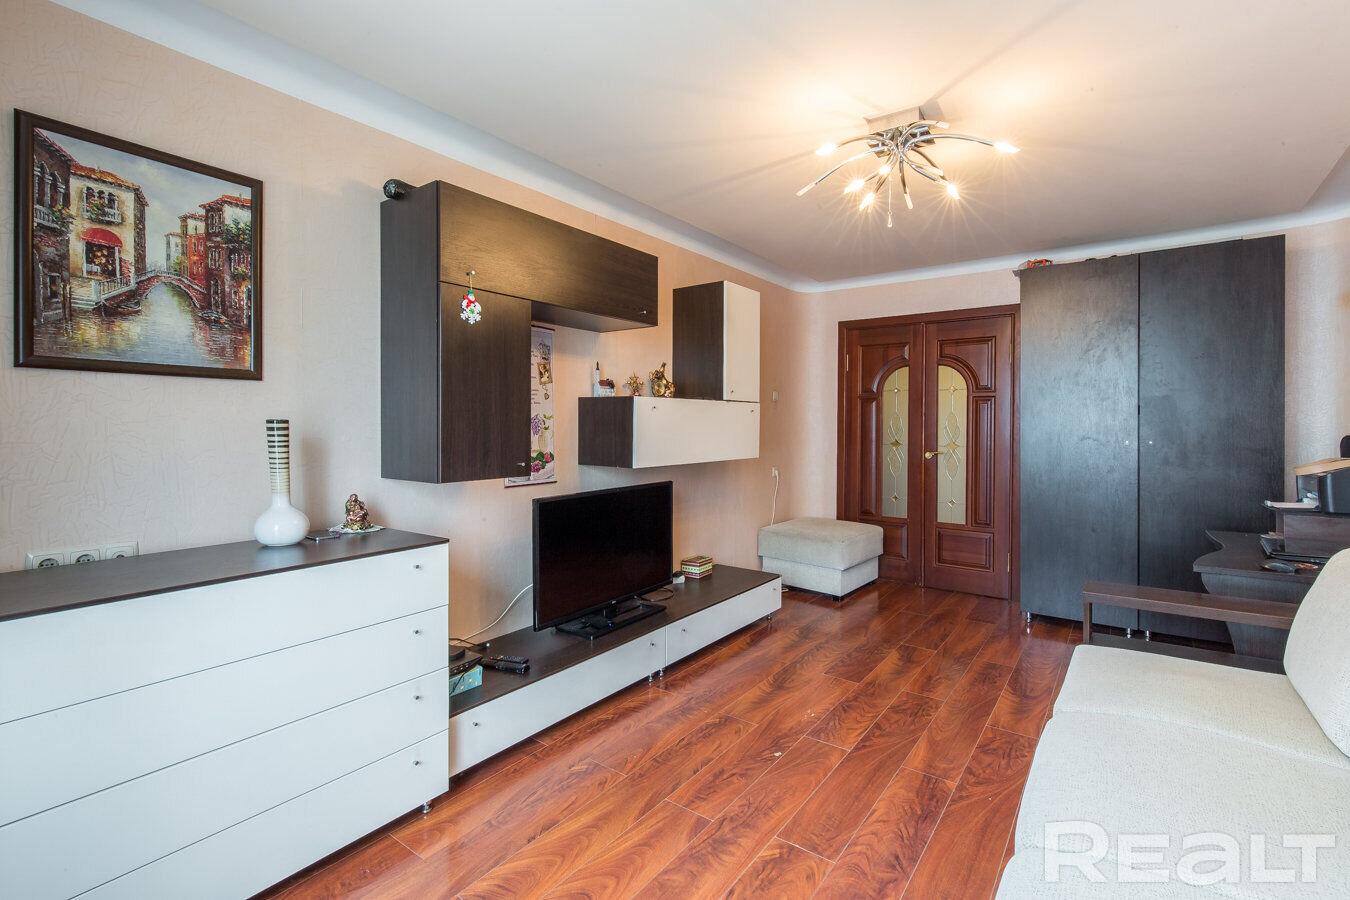 Продажа 2-х комнатной квартиры в г. Минске, ул. Скрипникова, дом 42 (р-н Запад, Красный Бор). Цена 187 868 руб c торгом